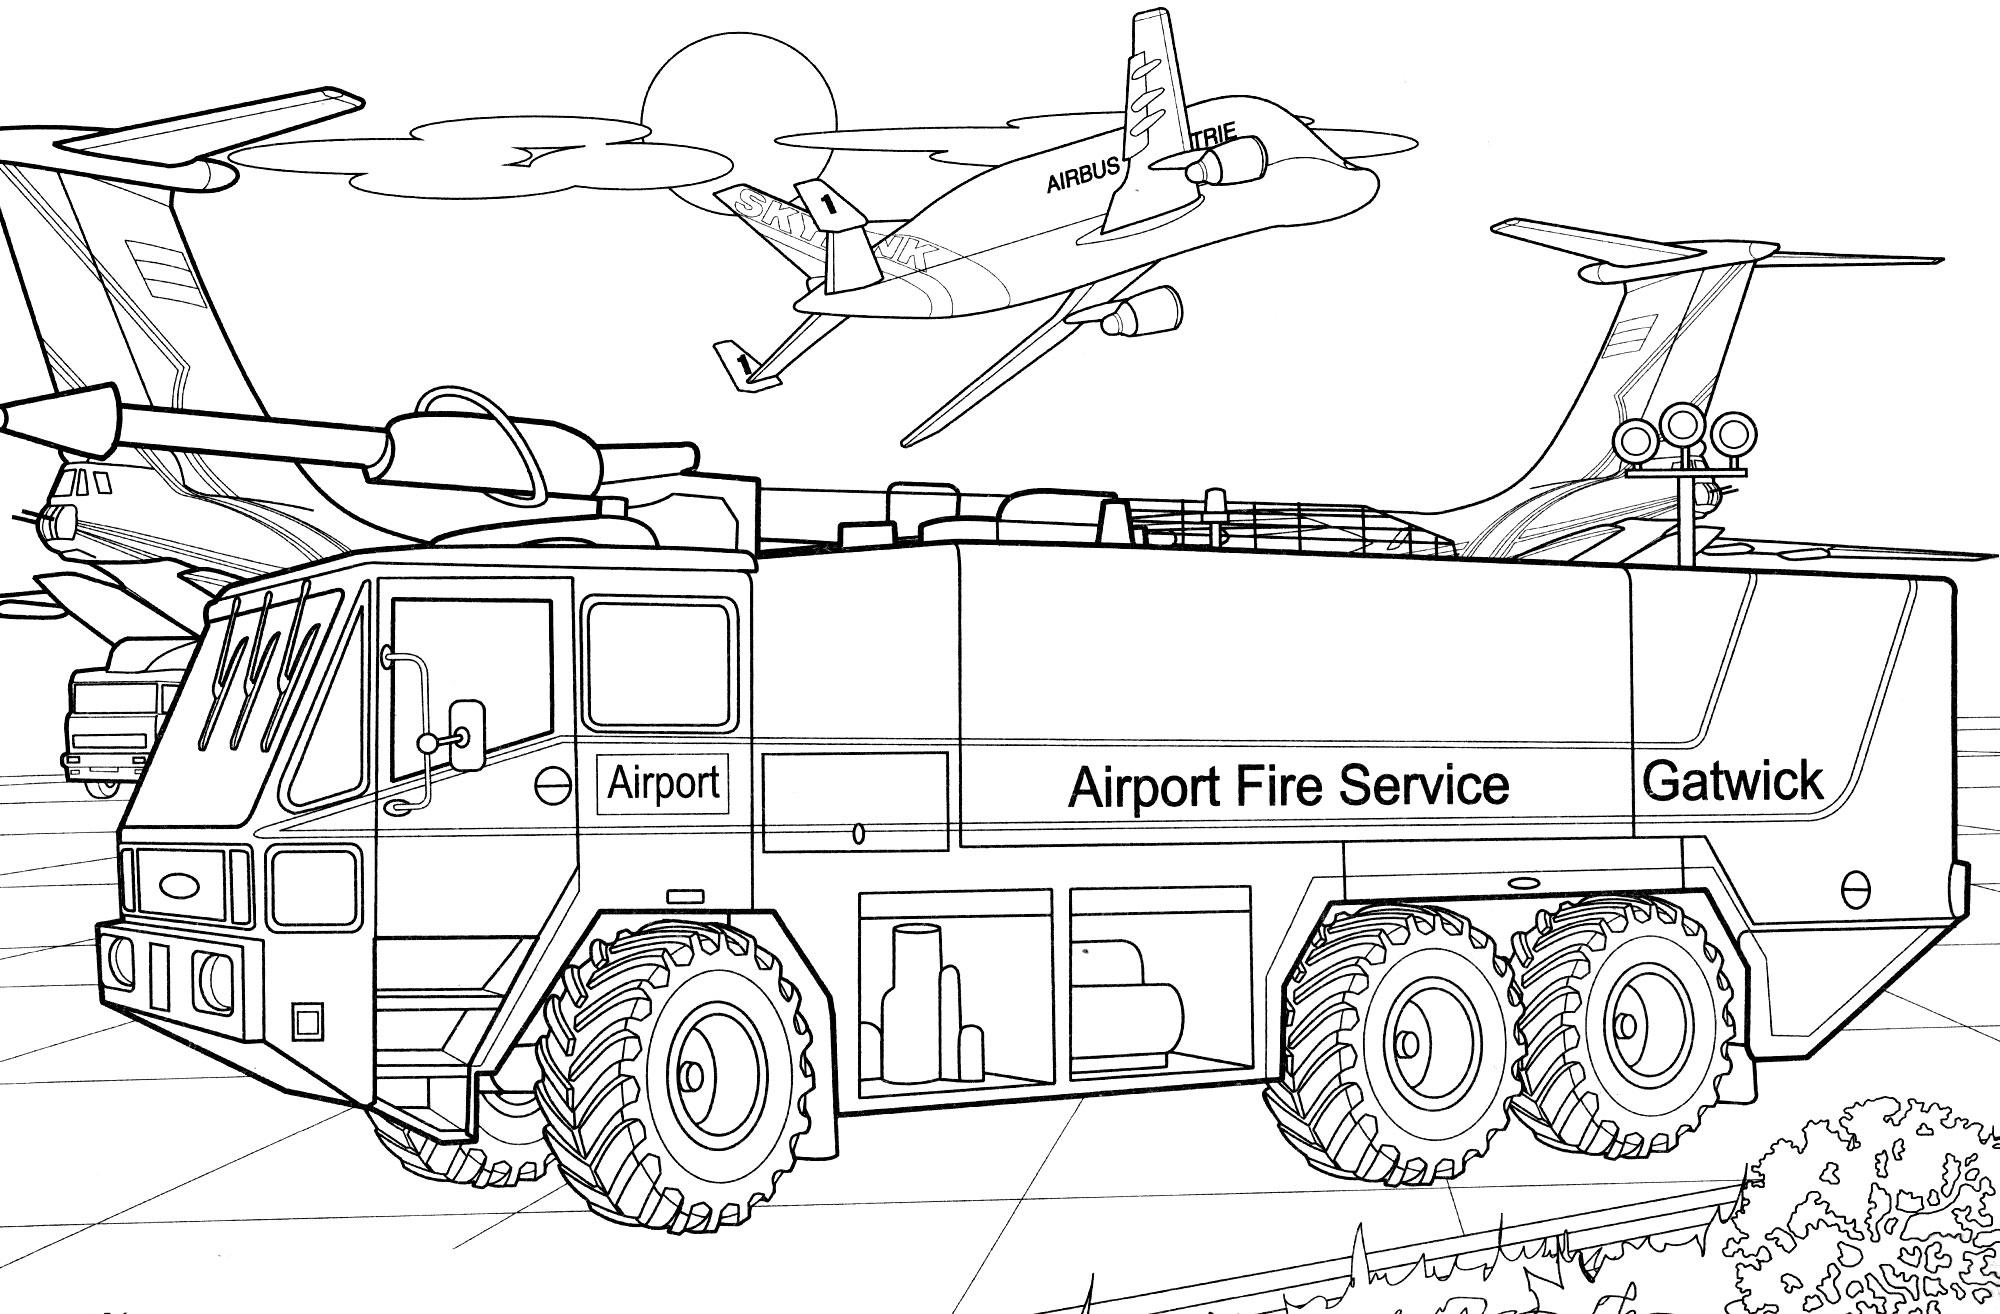 Раскраска Пожарная машина аэропорта - распечатать бесплатно